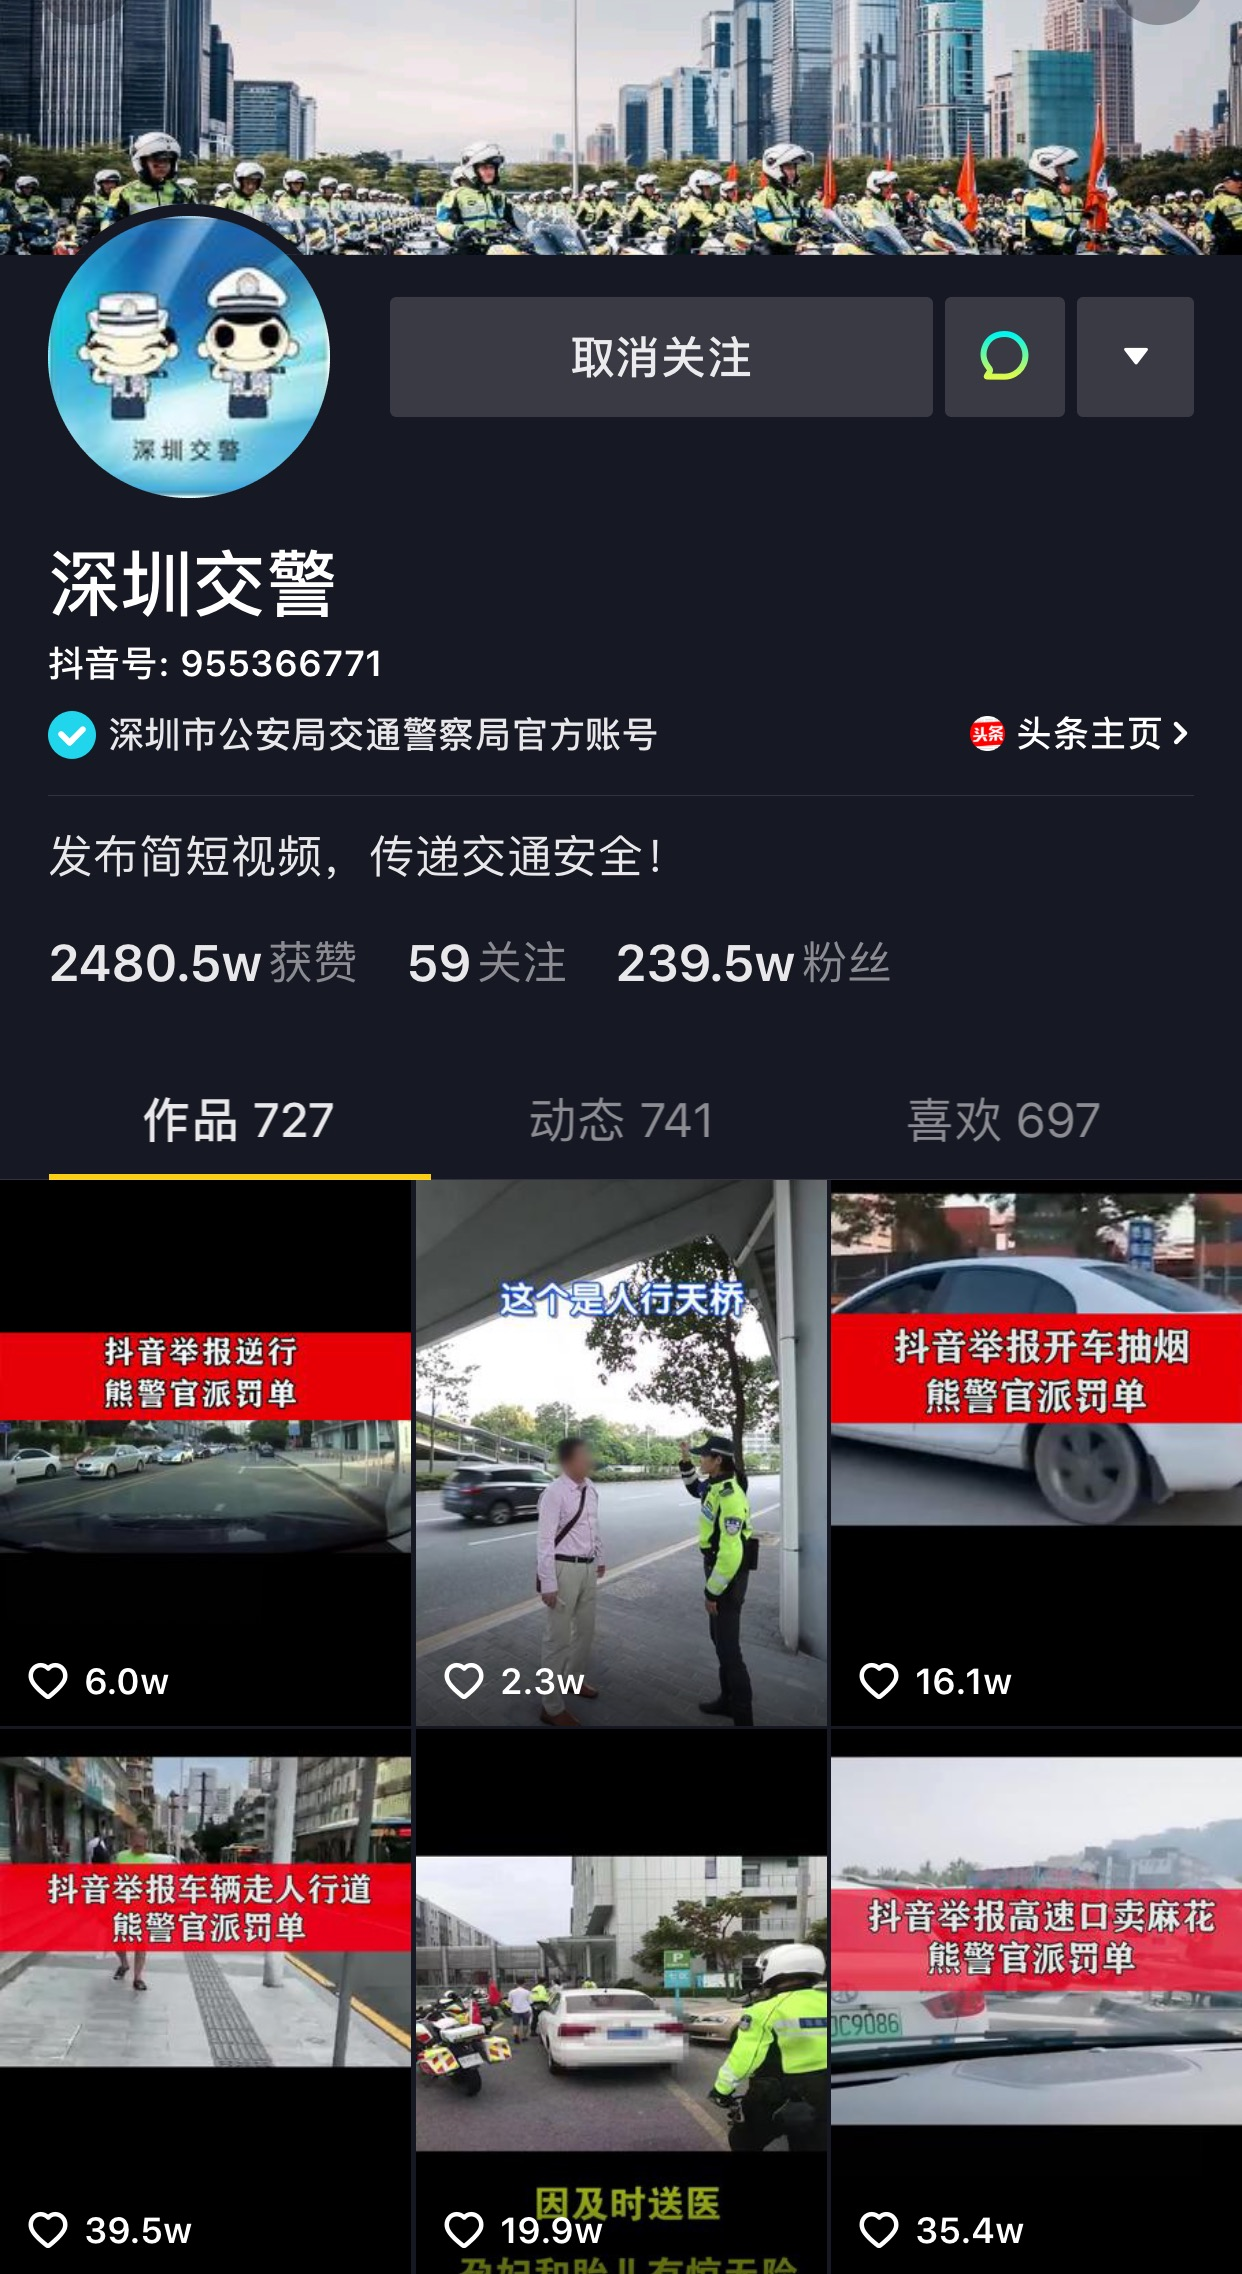 深圳交警短视频平台执法线上开罚单,出镜警官成网红